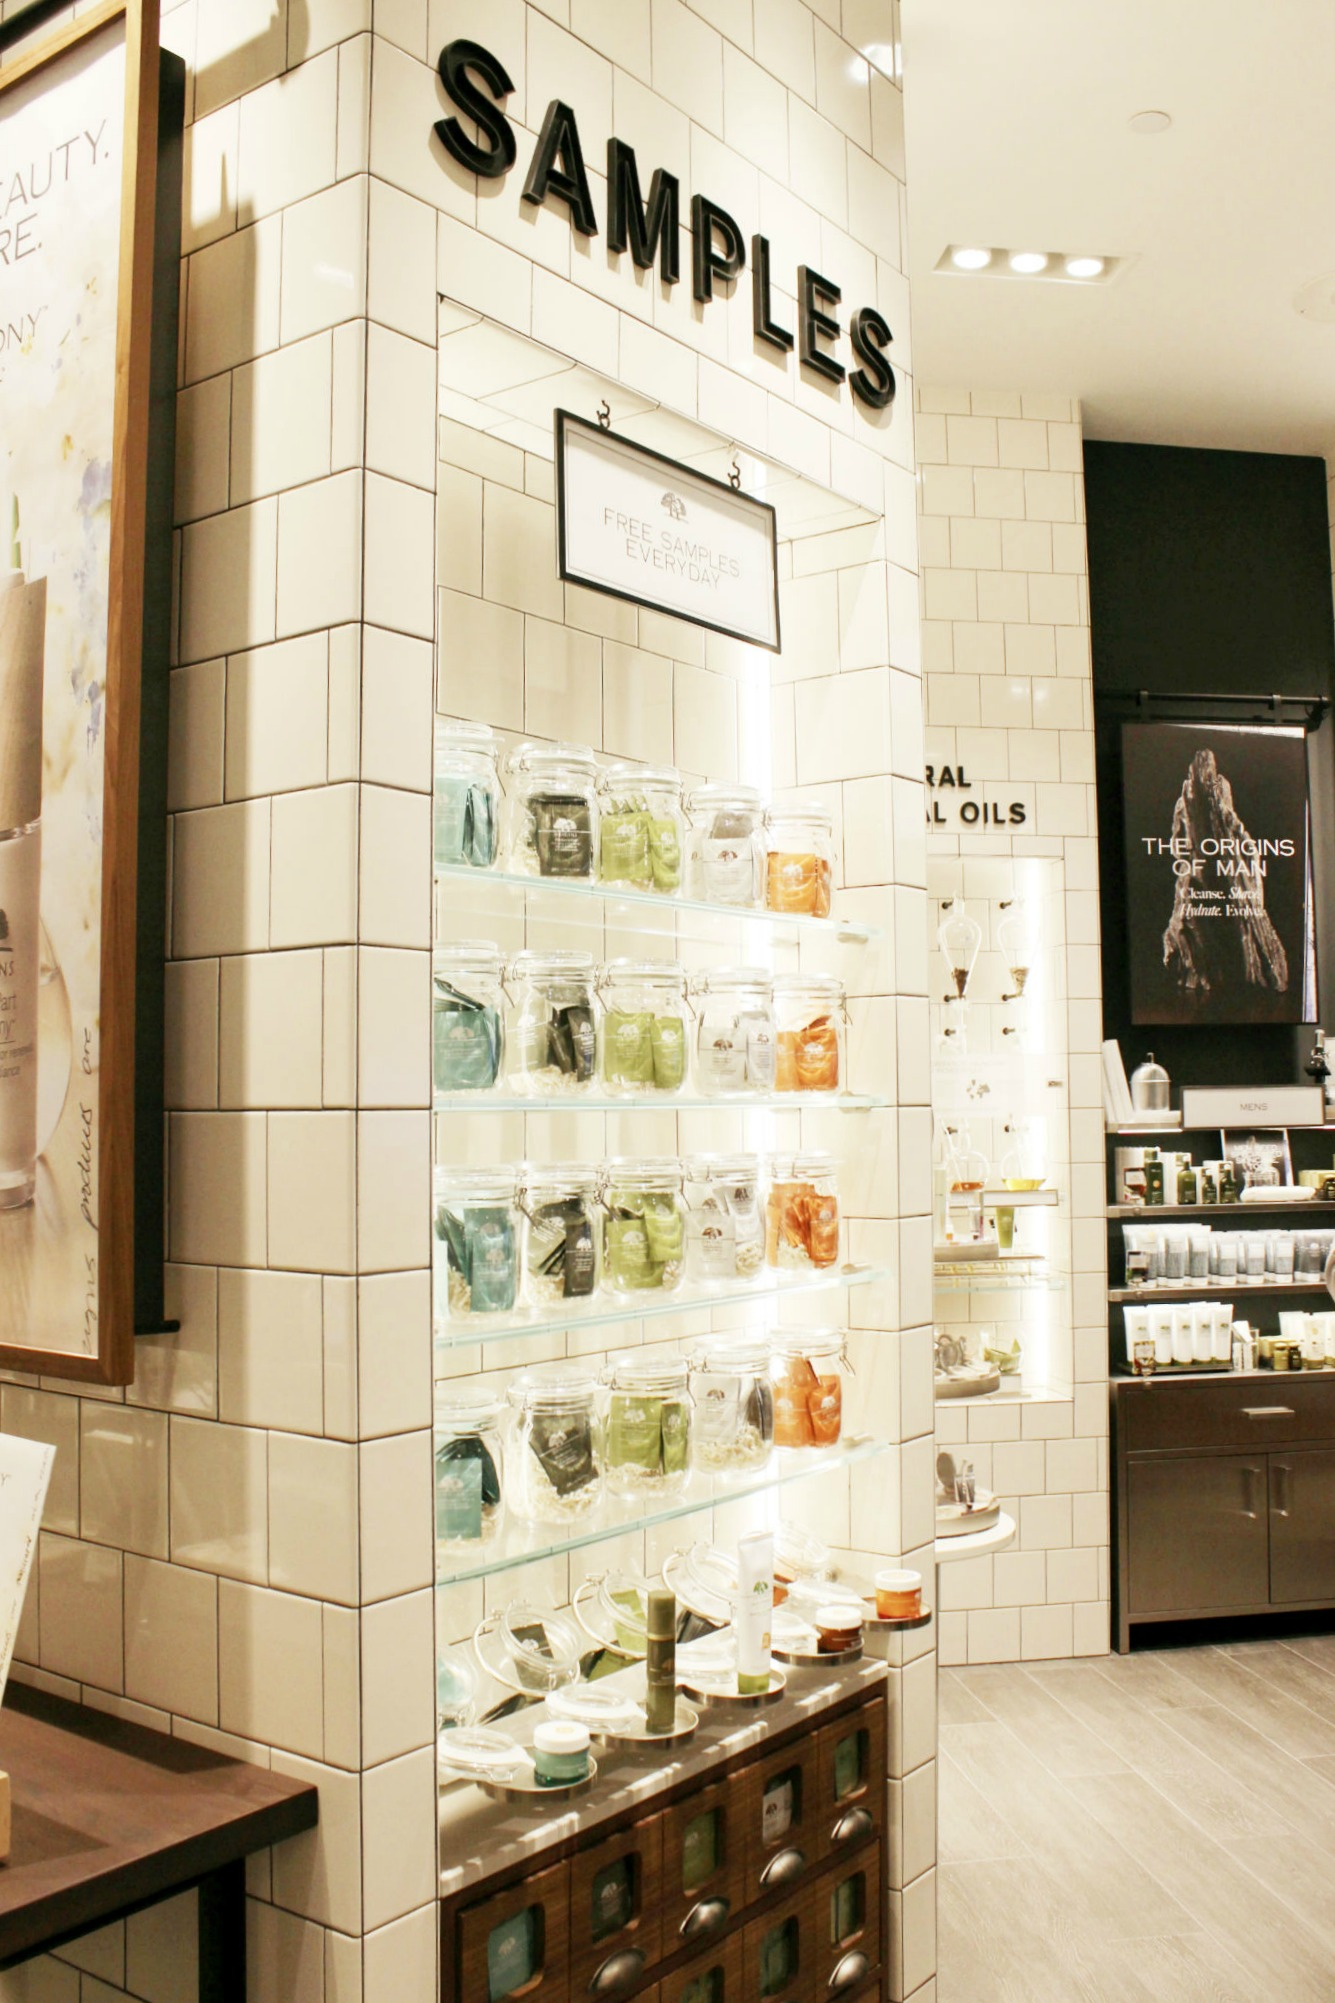 Origins Galleria Houston Samples | Brighterdarling.com